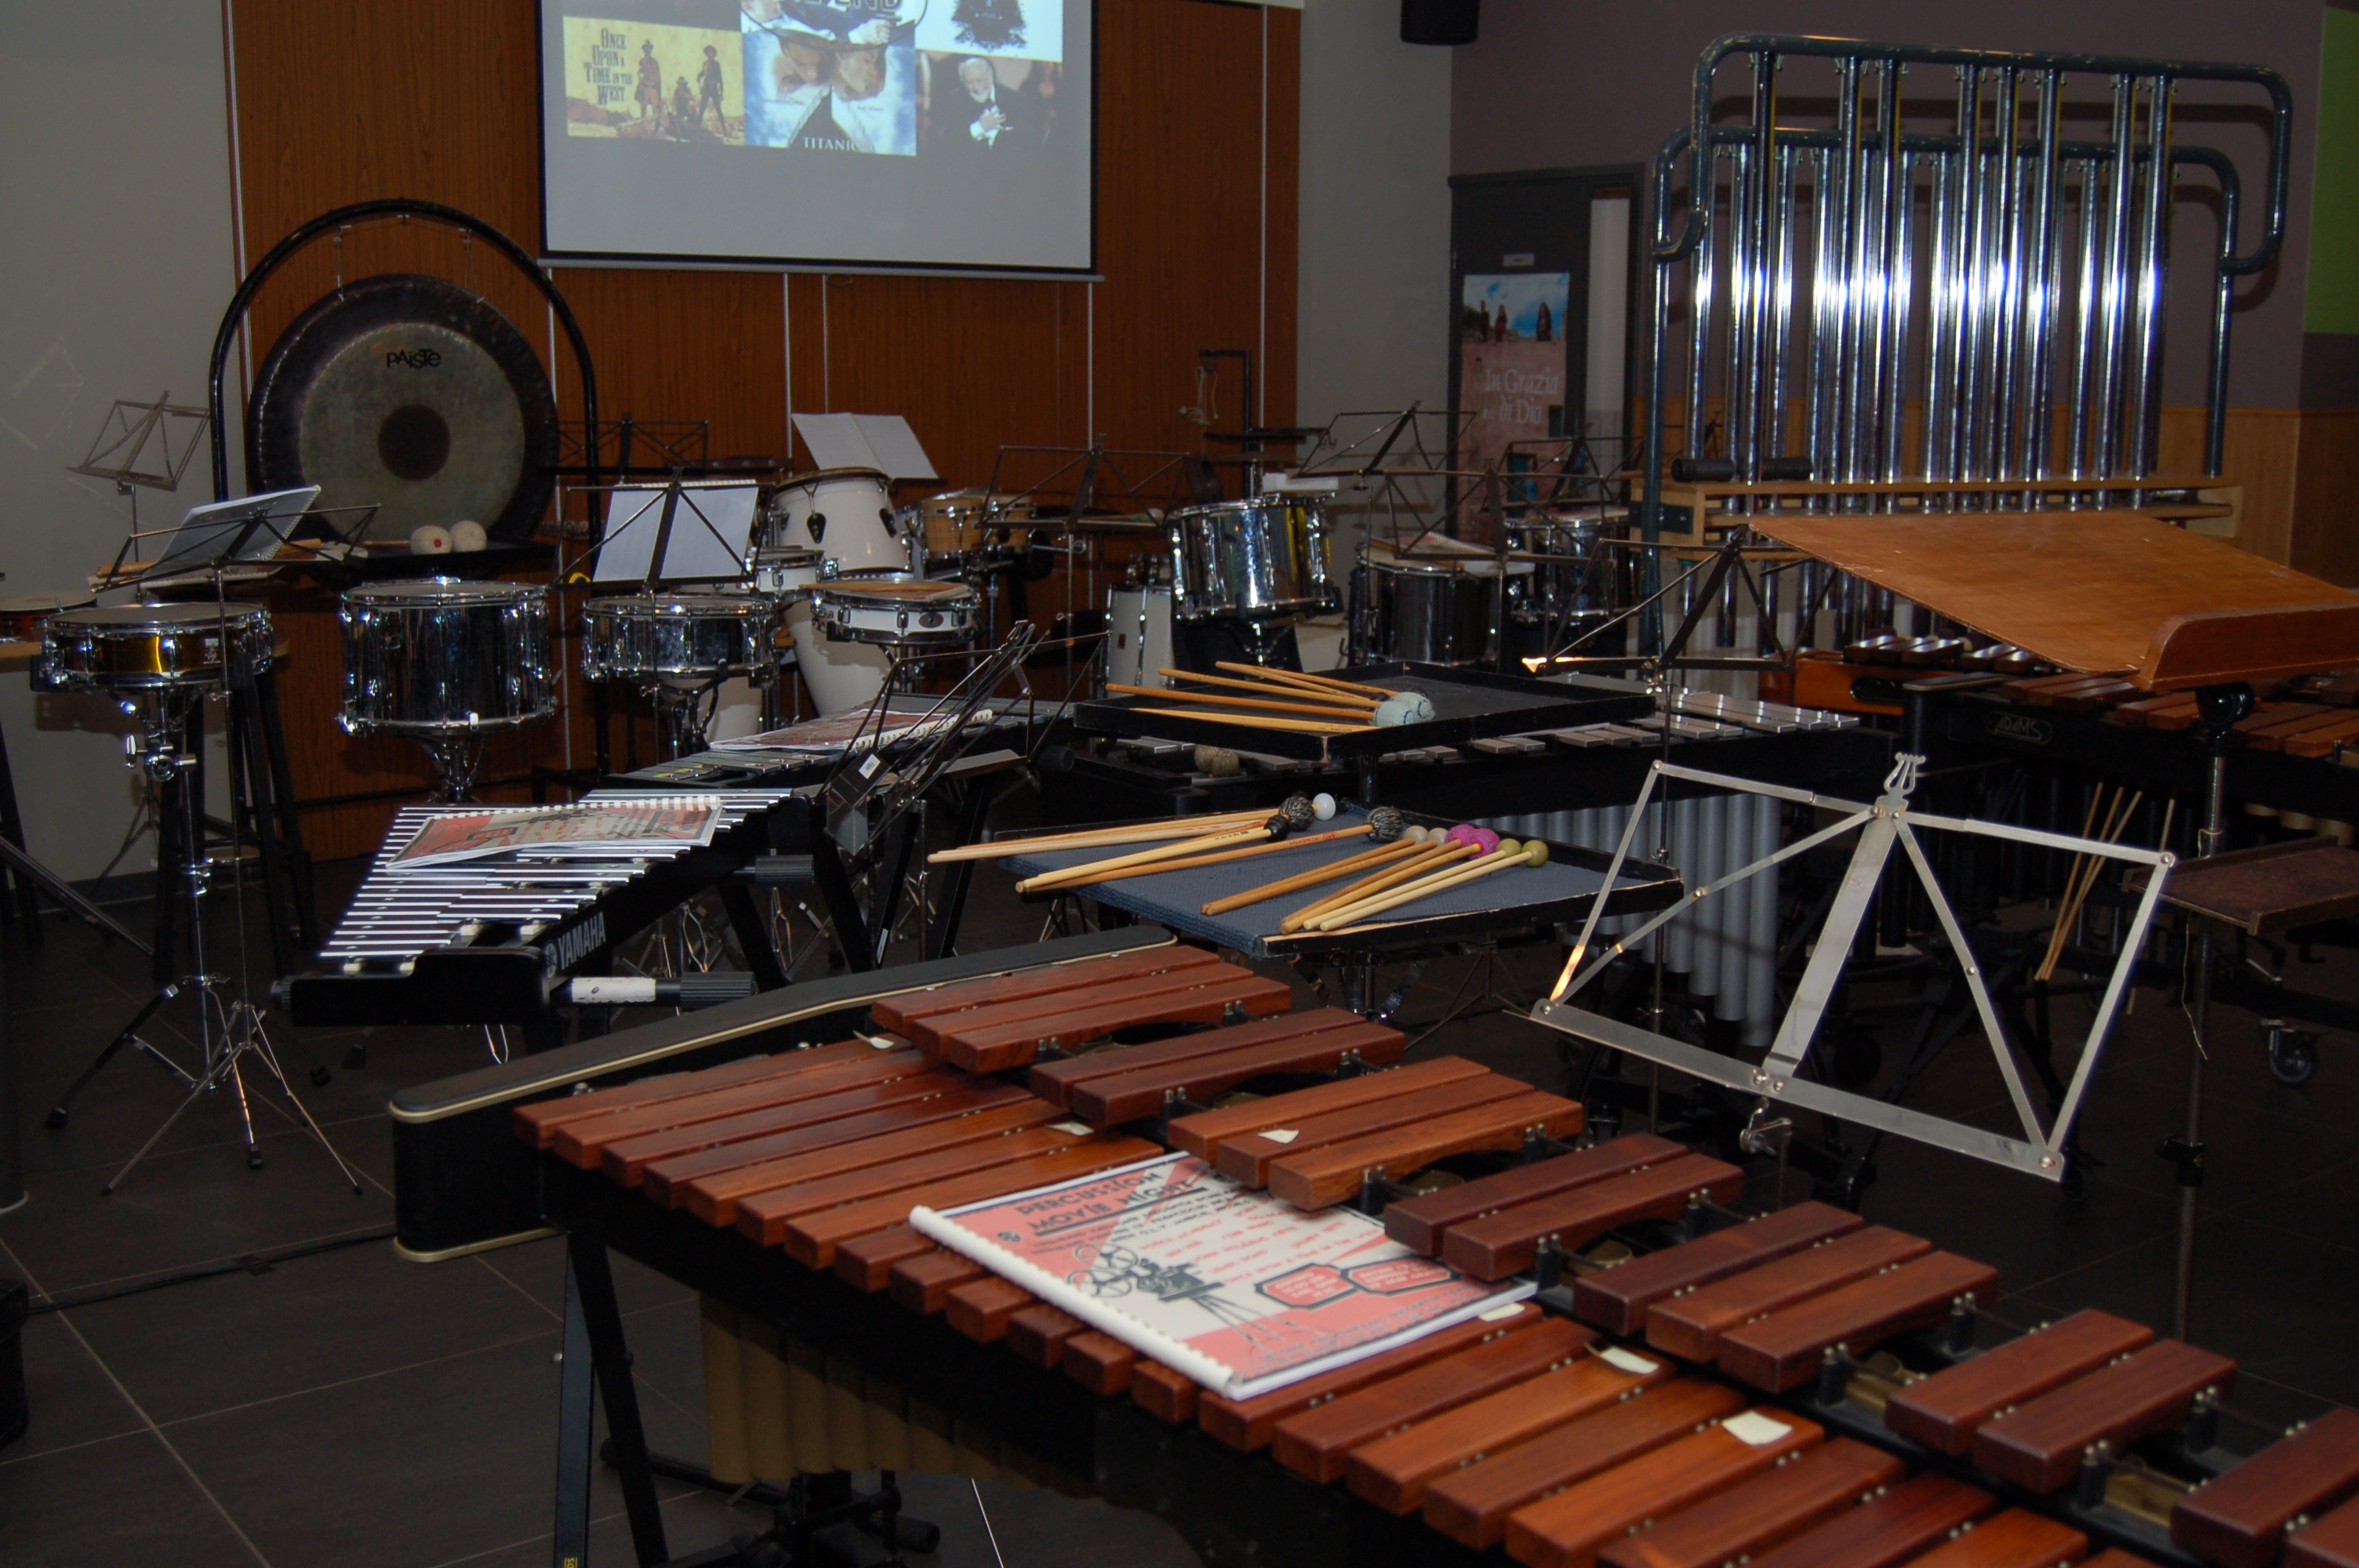 instrumenten staan klaar